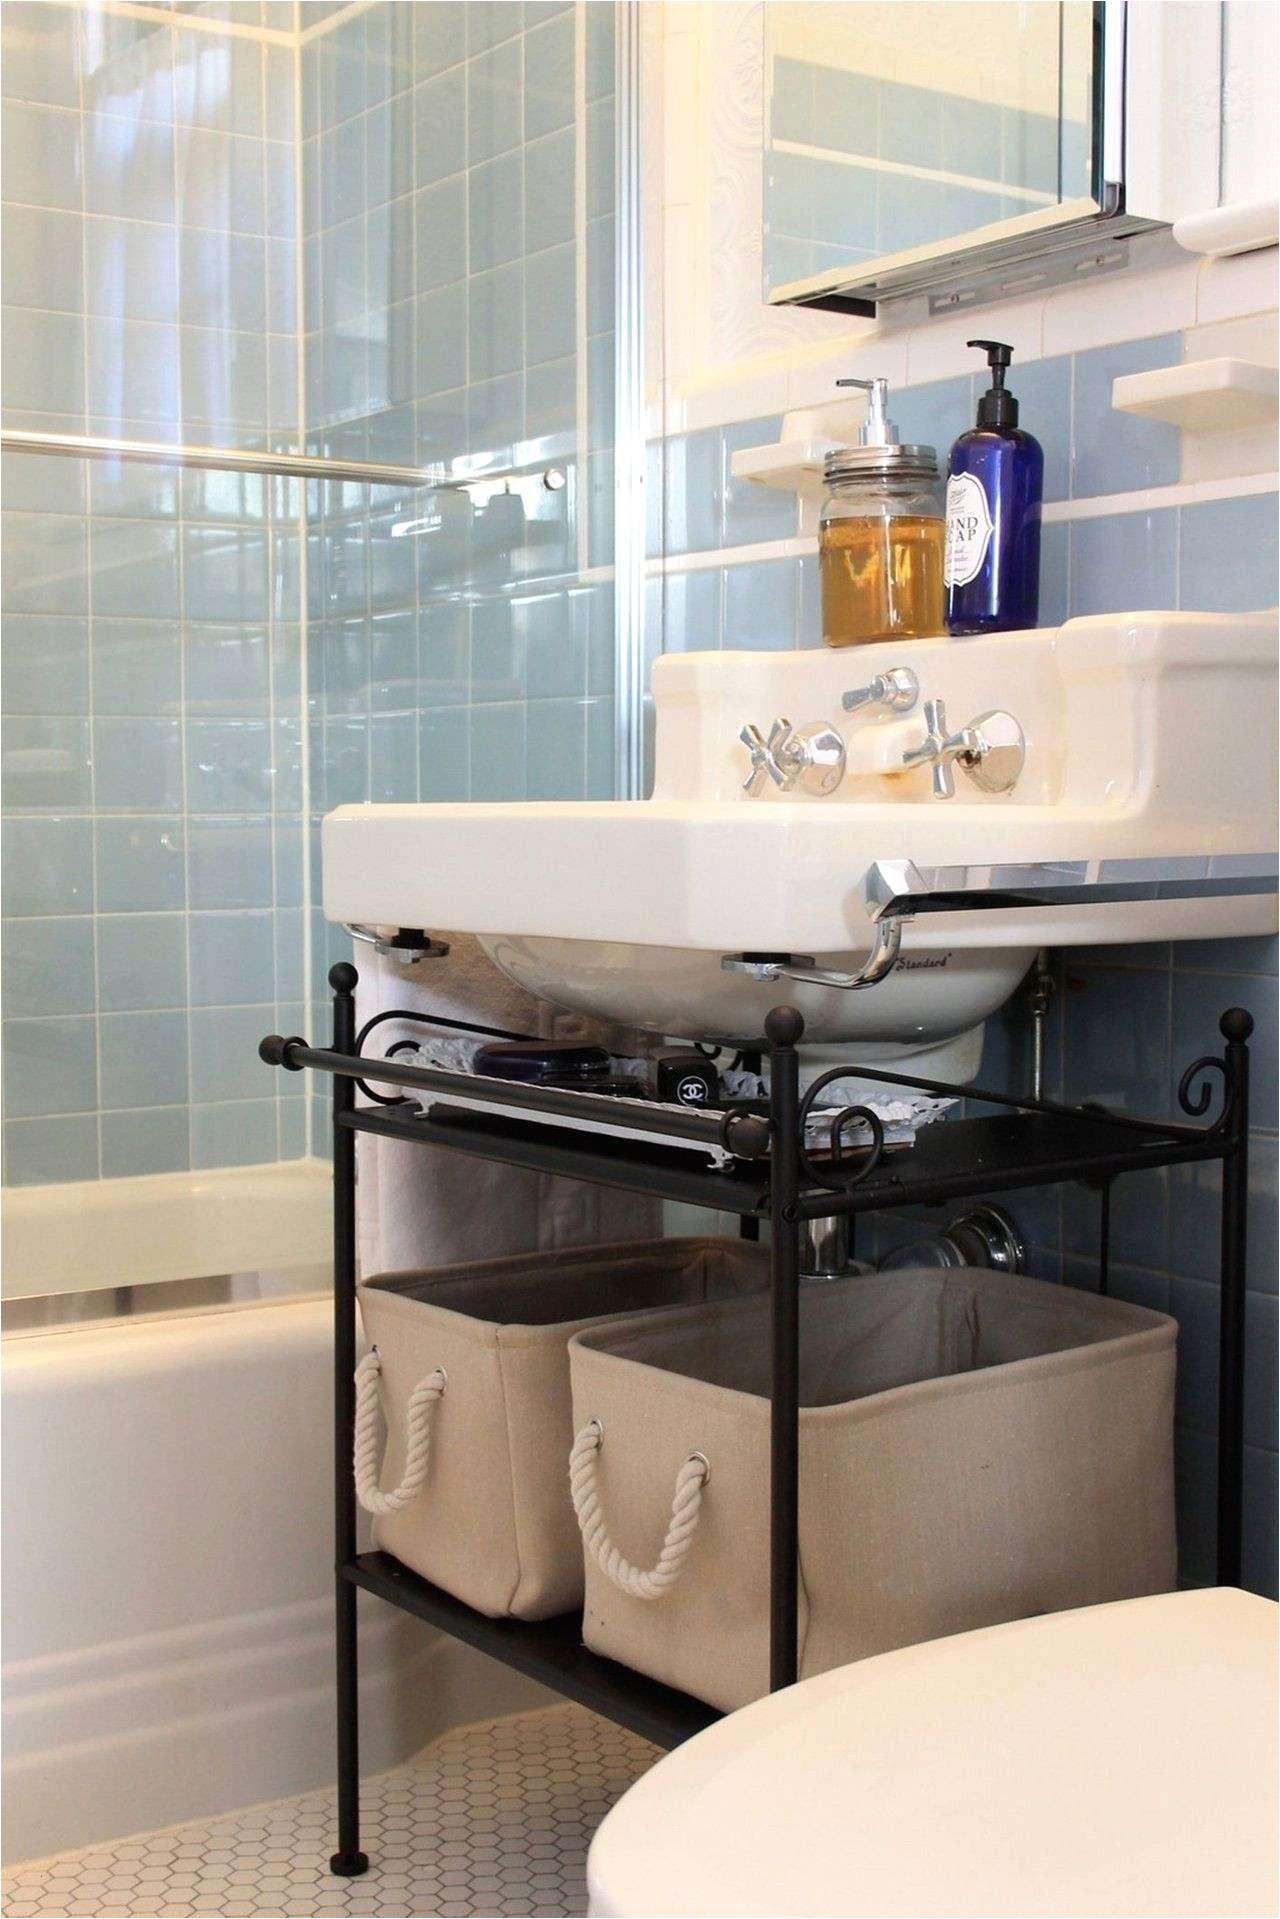 under kitchen sink storage elegant awesome 91p8rbwpmhl sl1500 h sink under pedestal storage i 0d scheme